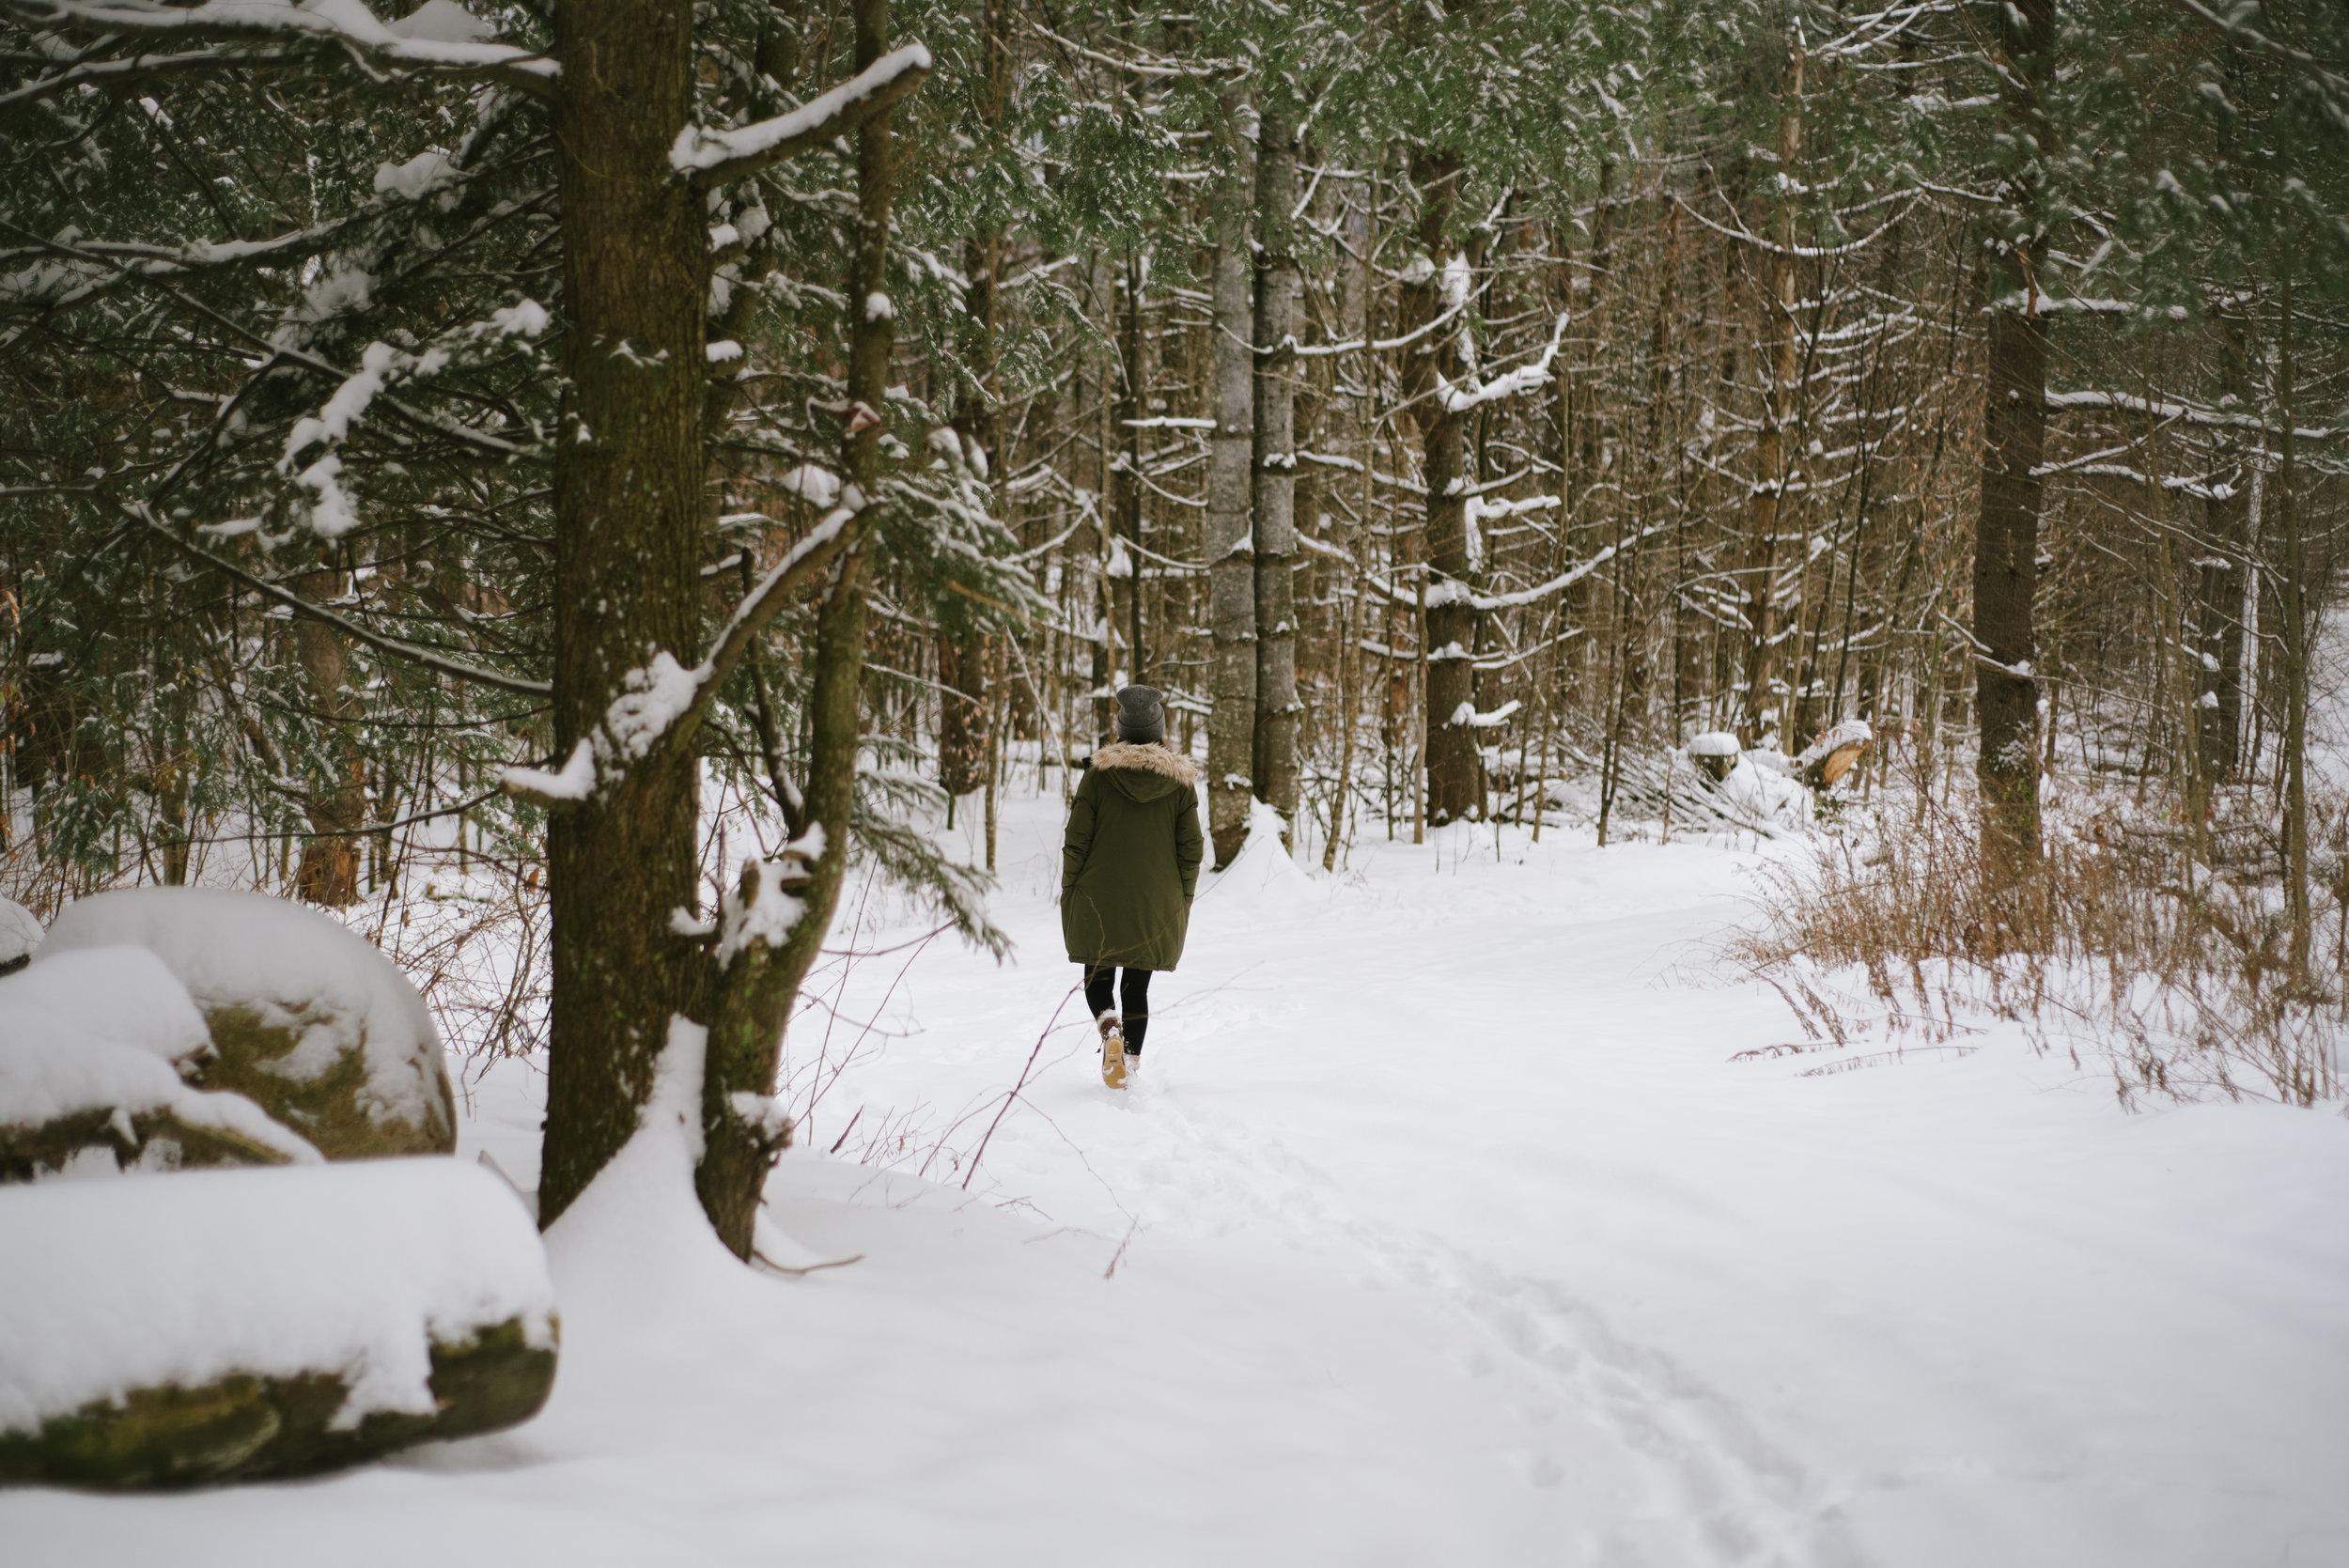 Winter-RoadTrip-14.jpg